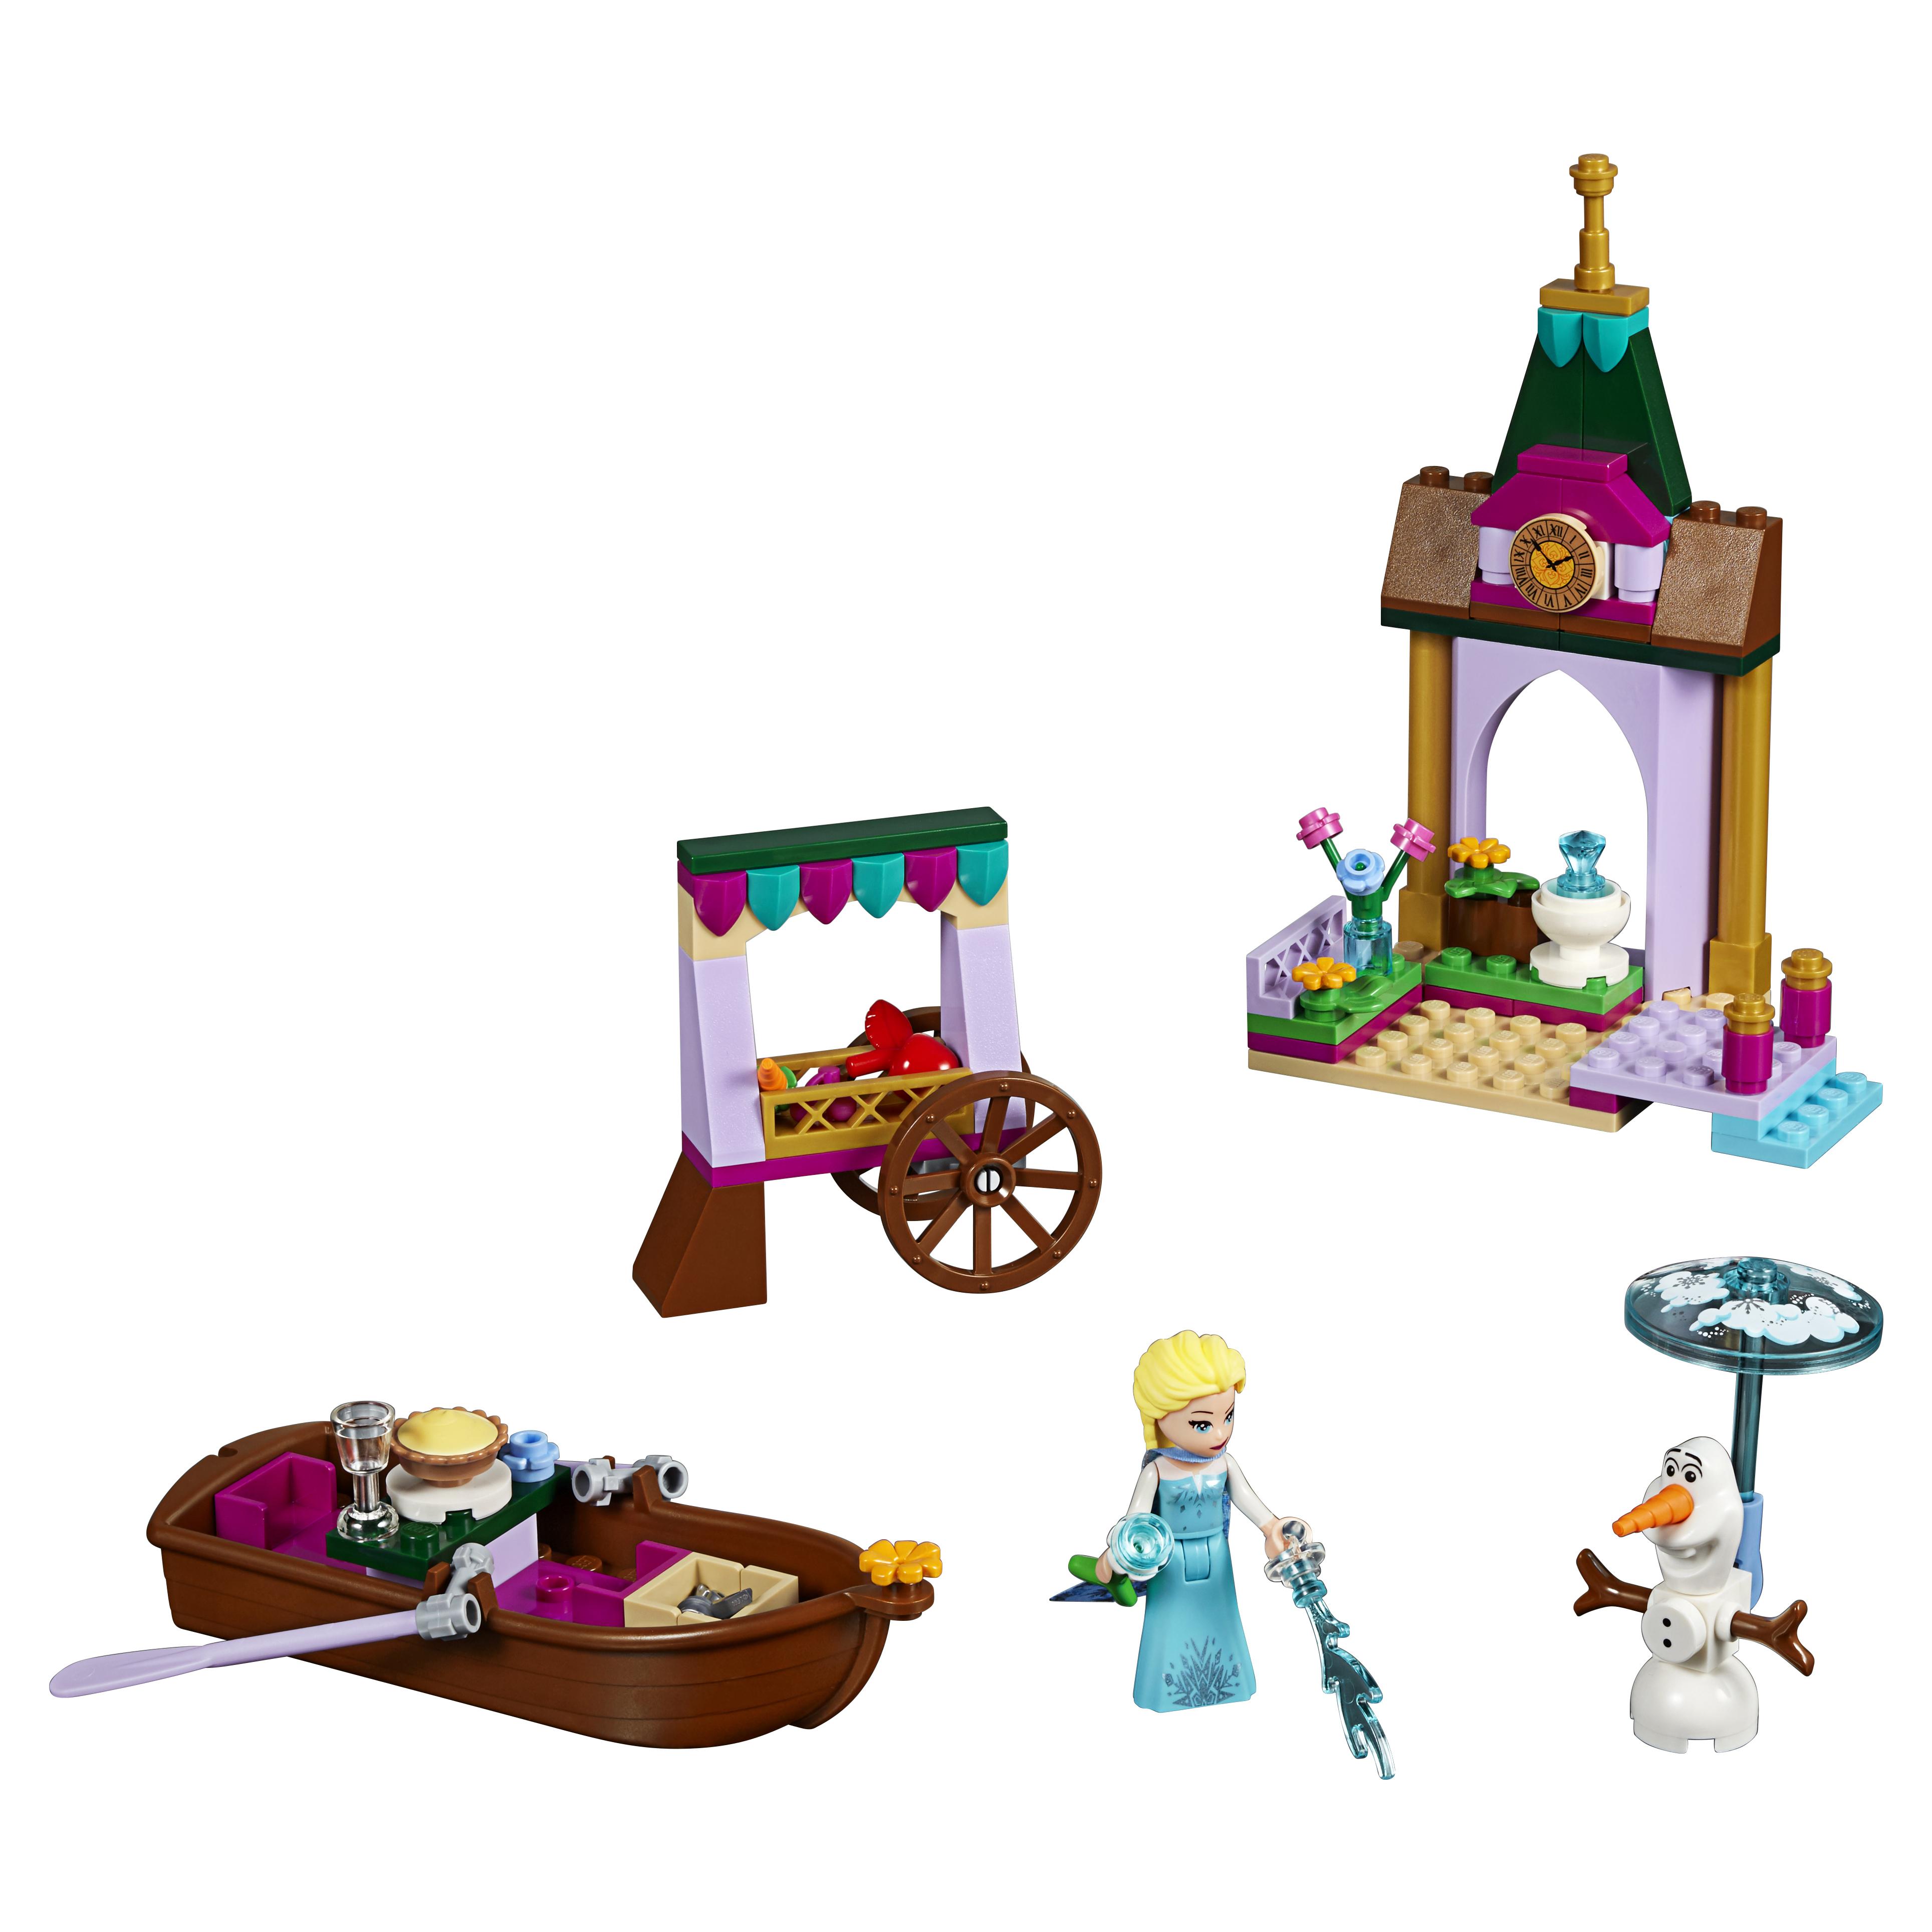 Конструктор LEGO Disney Princess Приключения Эльзы на рынке (41155) фото